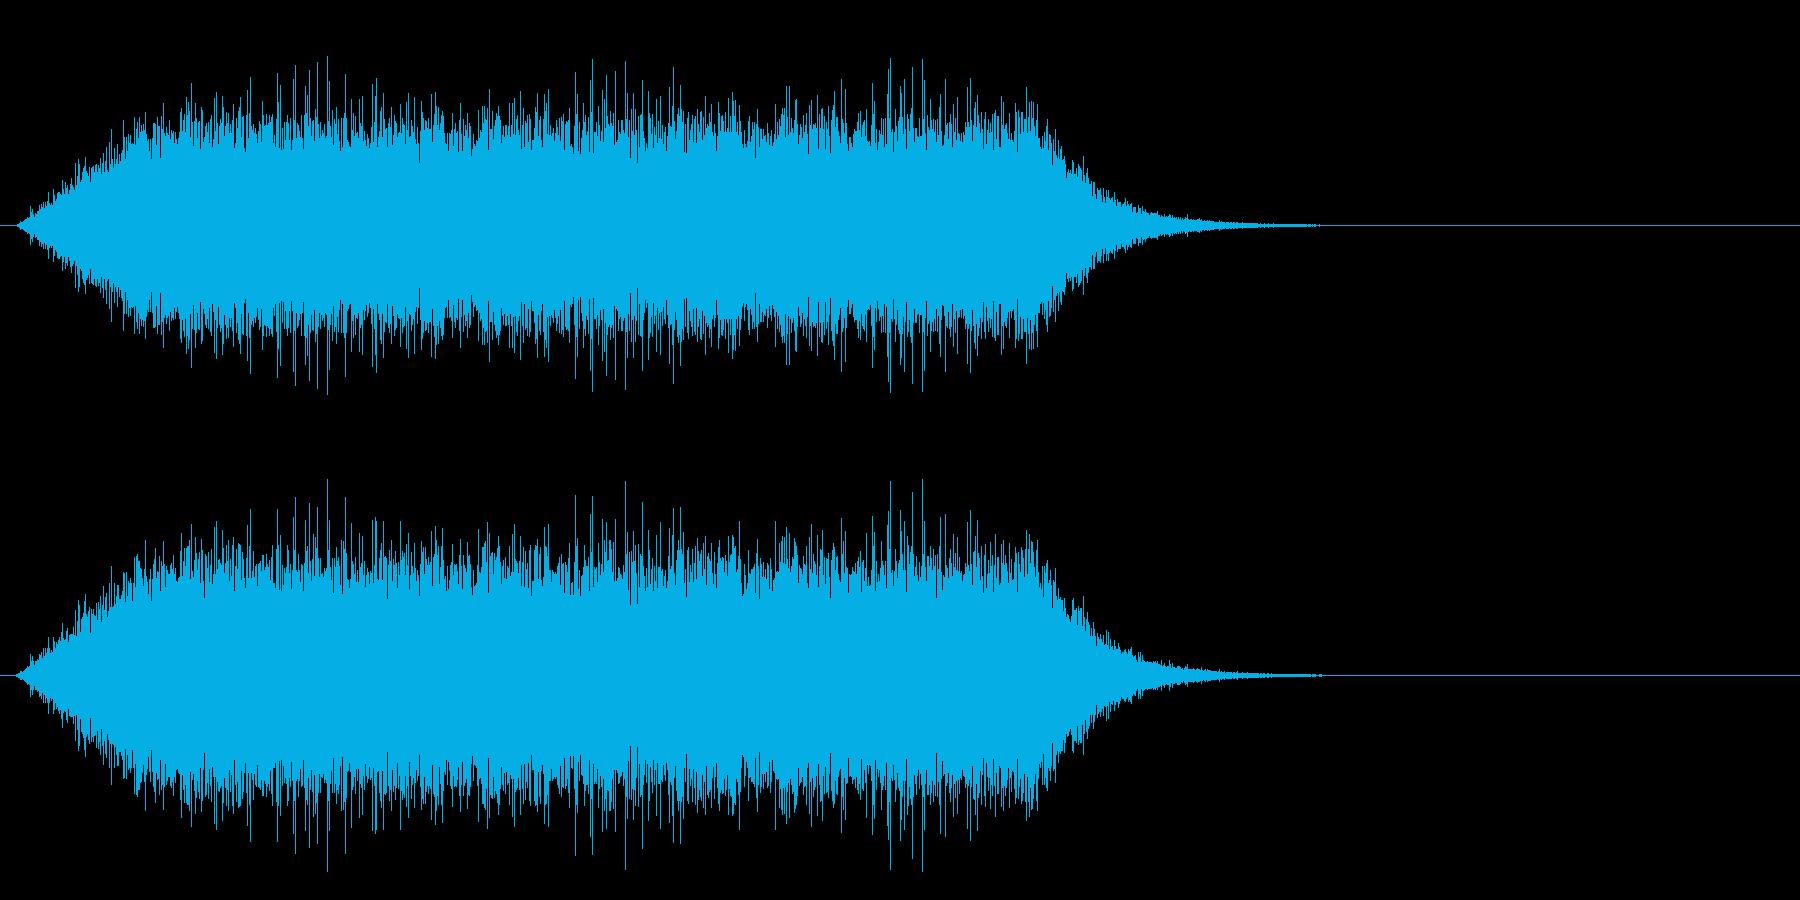 場面 雨の再生済みの波形